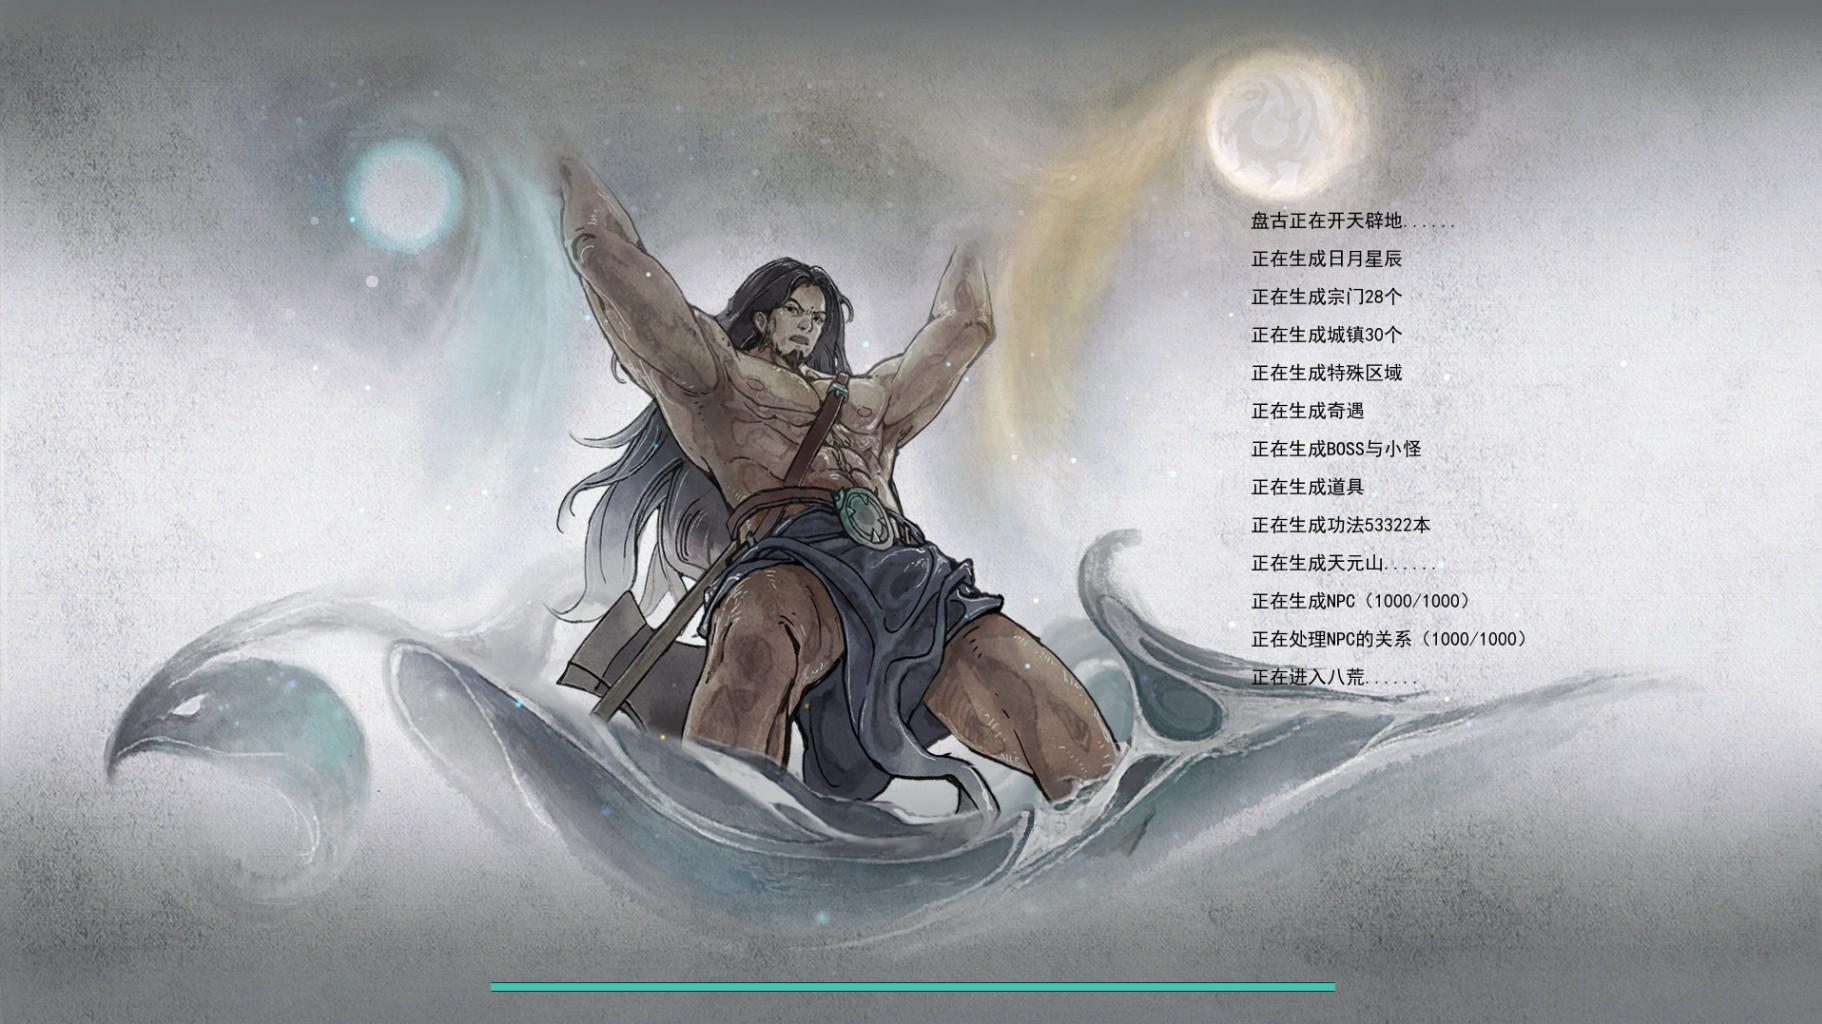 鬼谷八荒/Tale of Immortal(V0.8.2023.272)